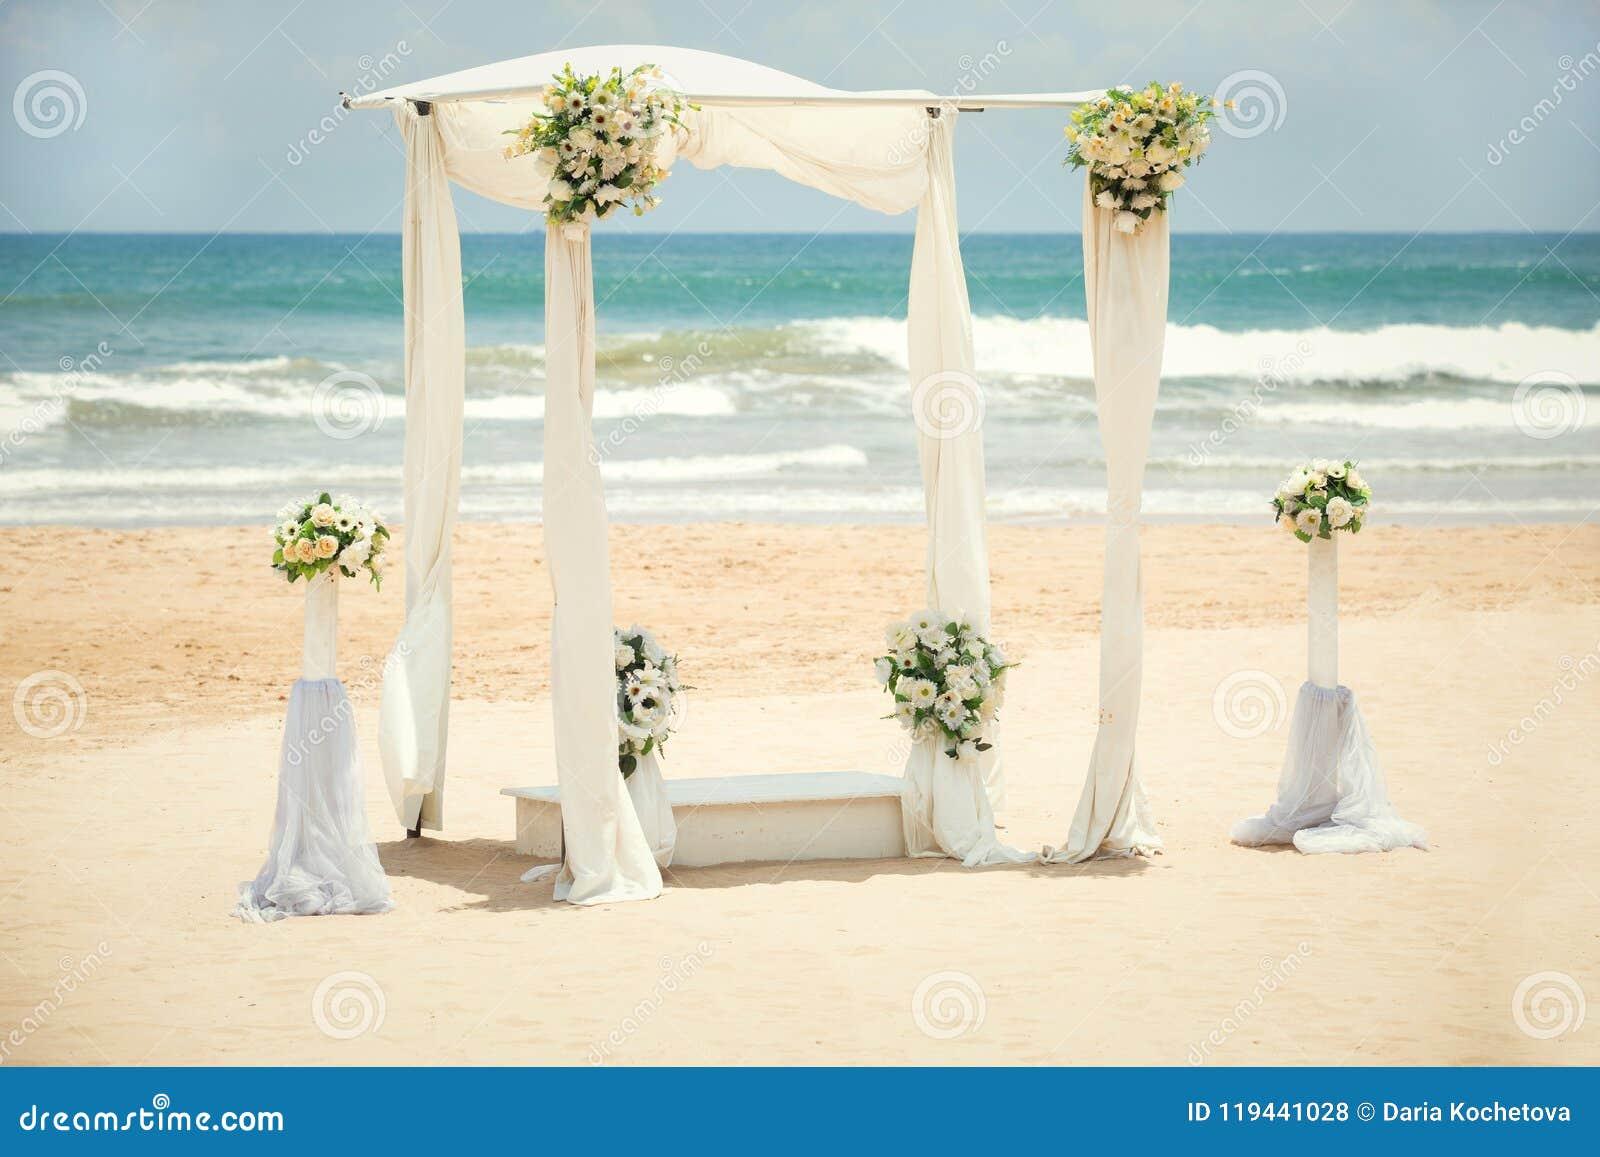 Hochzeitsdekorationen auf dem Strand